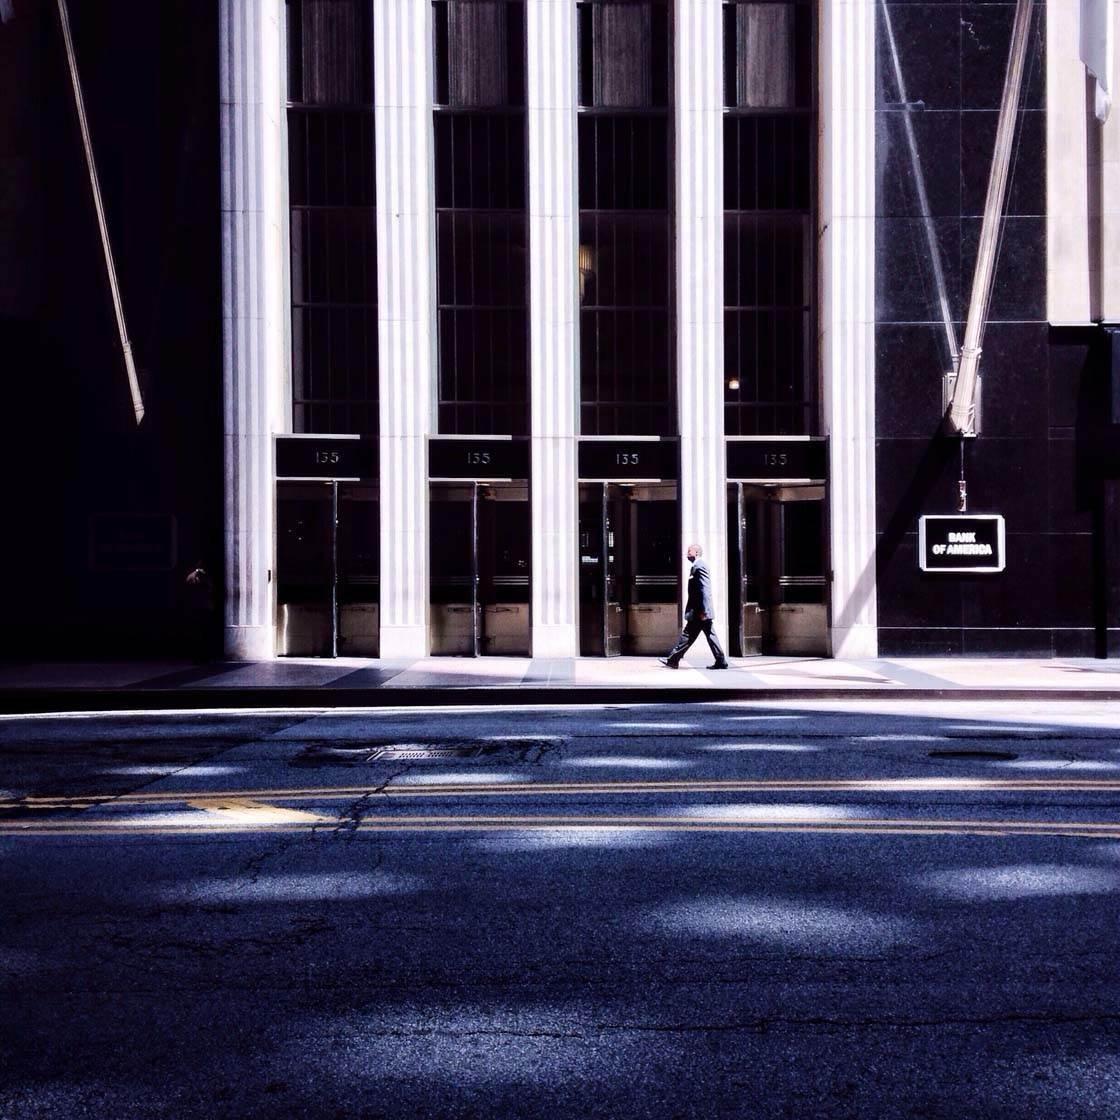 Busy City iPhone Photos 24 no script